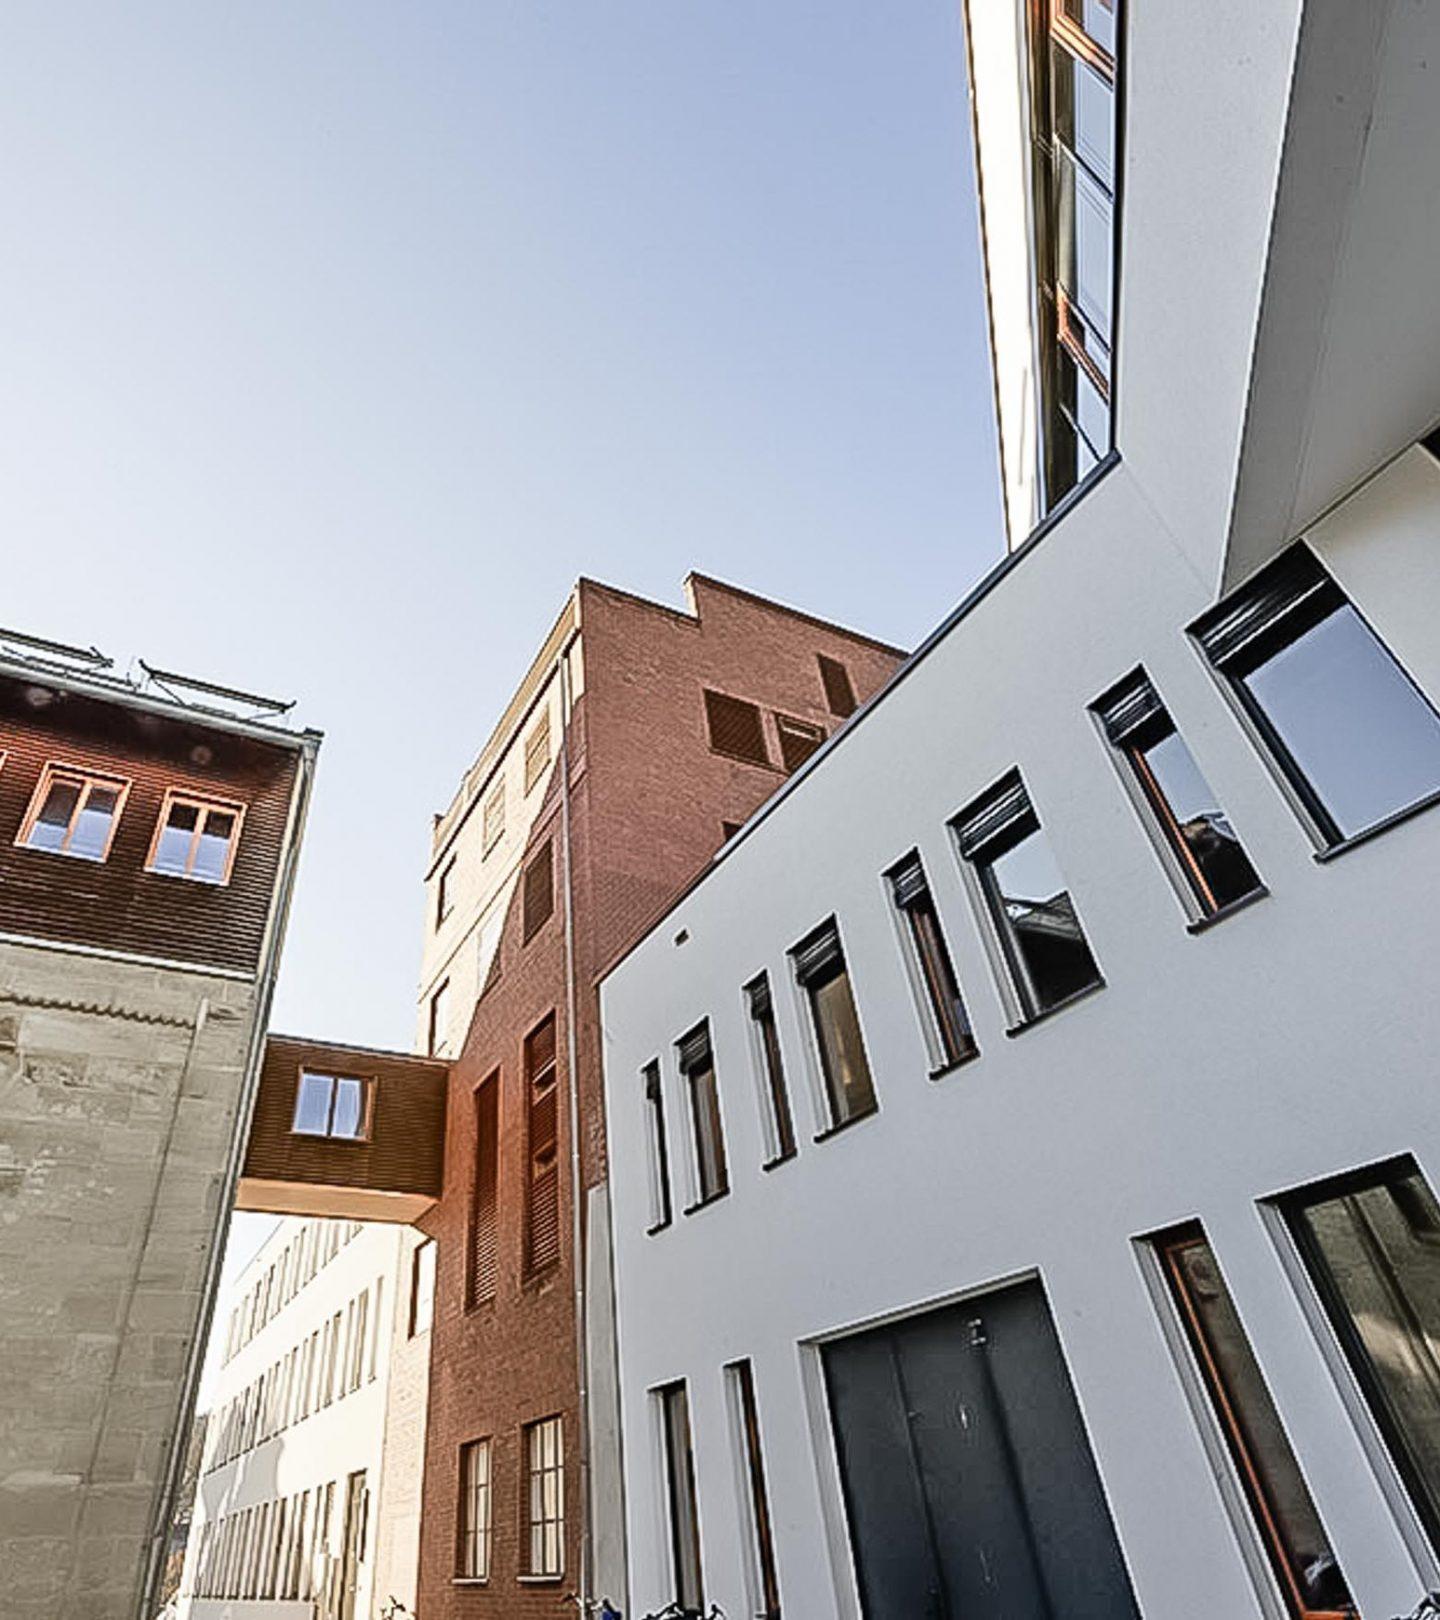 Paribus Hochschulportfolio Bayern - Außenansicht Übergang Design-Campus Hochschue Coburg zu Hofbräuhaus